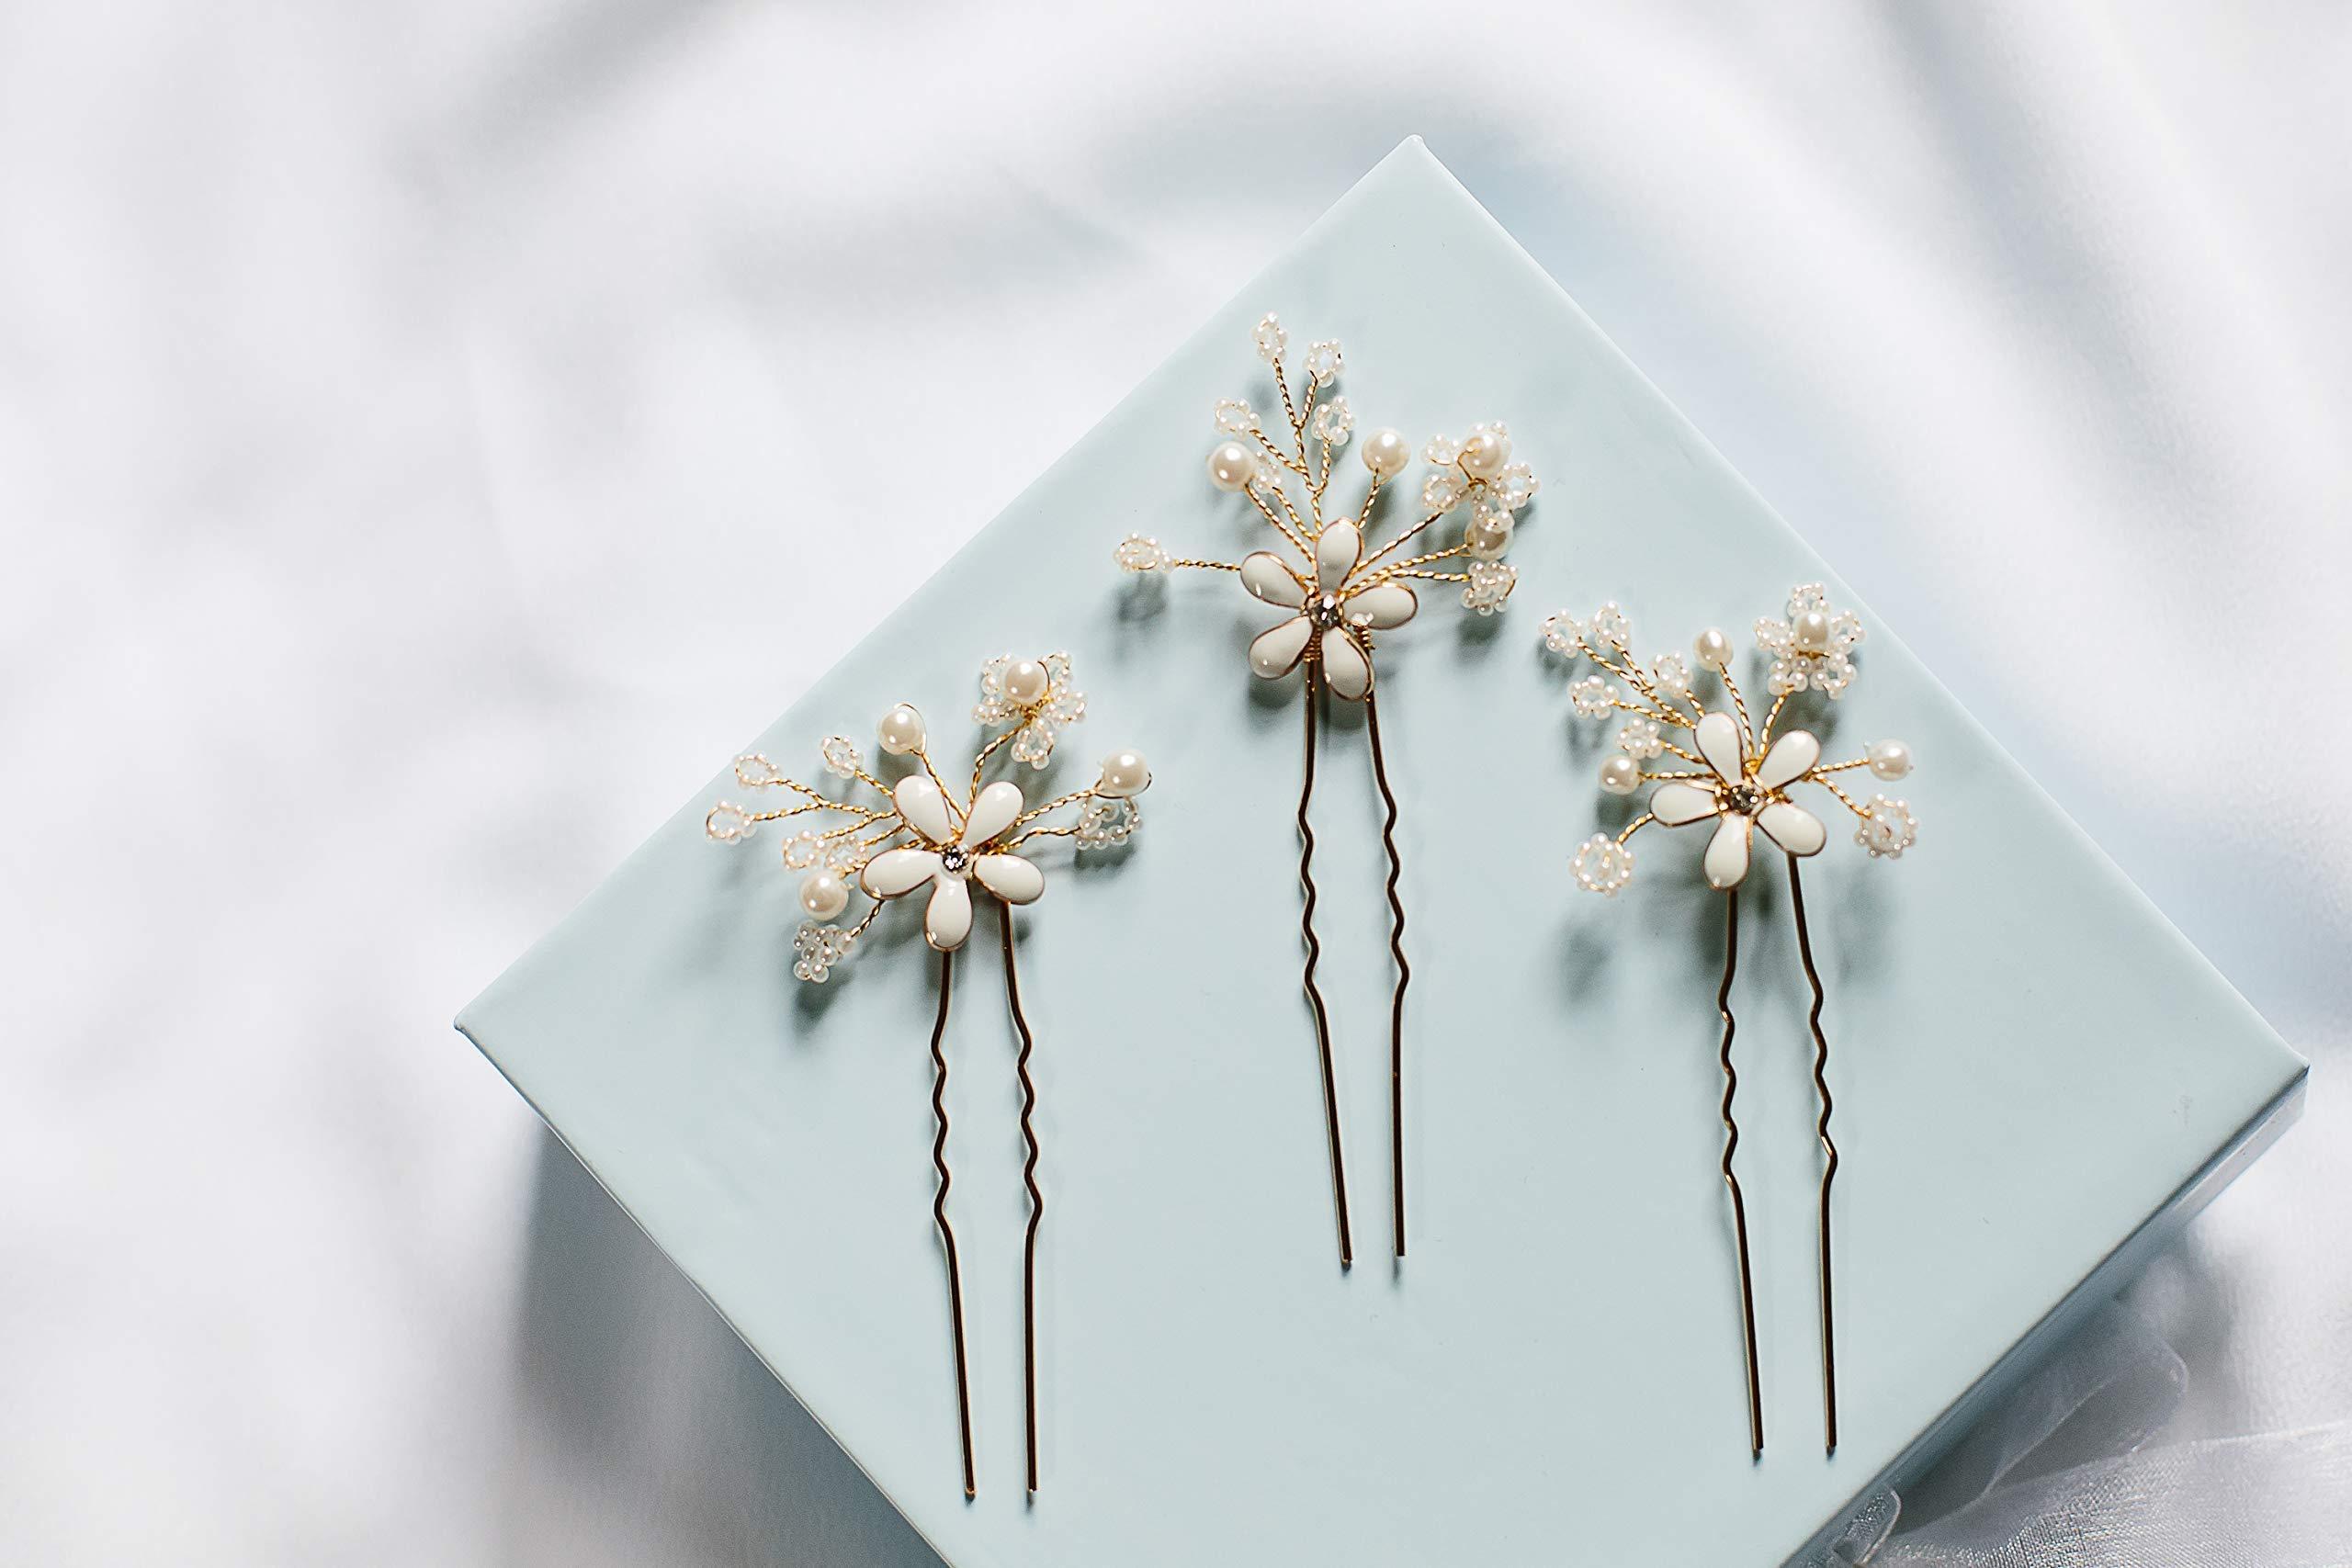 Emma - flower hair pins, bridal hair pins, boho wedding accessory, wedding hair accessory, bohemian wedding